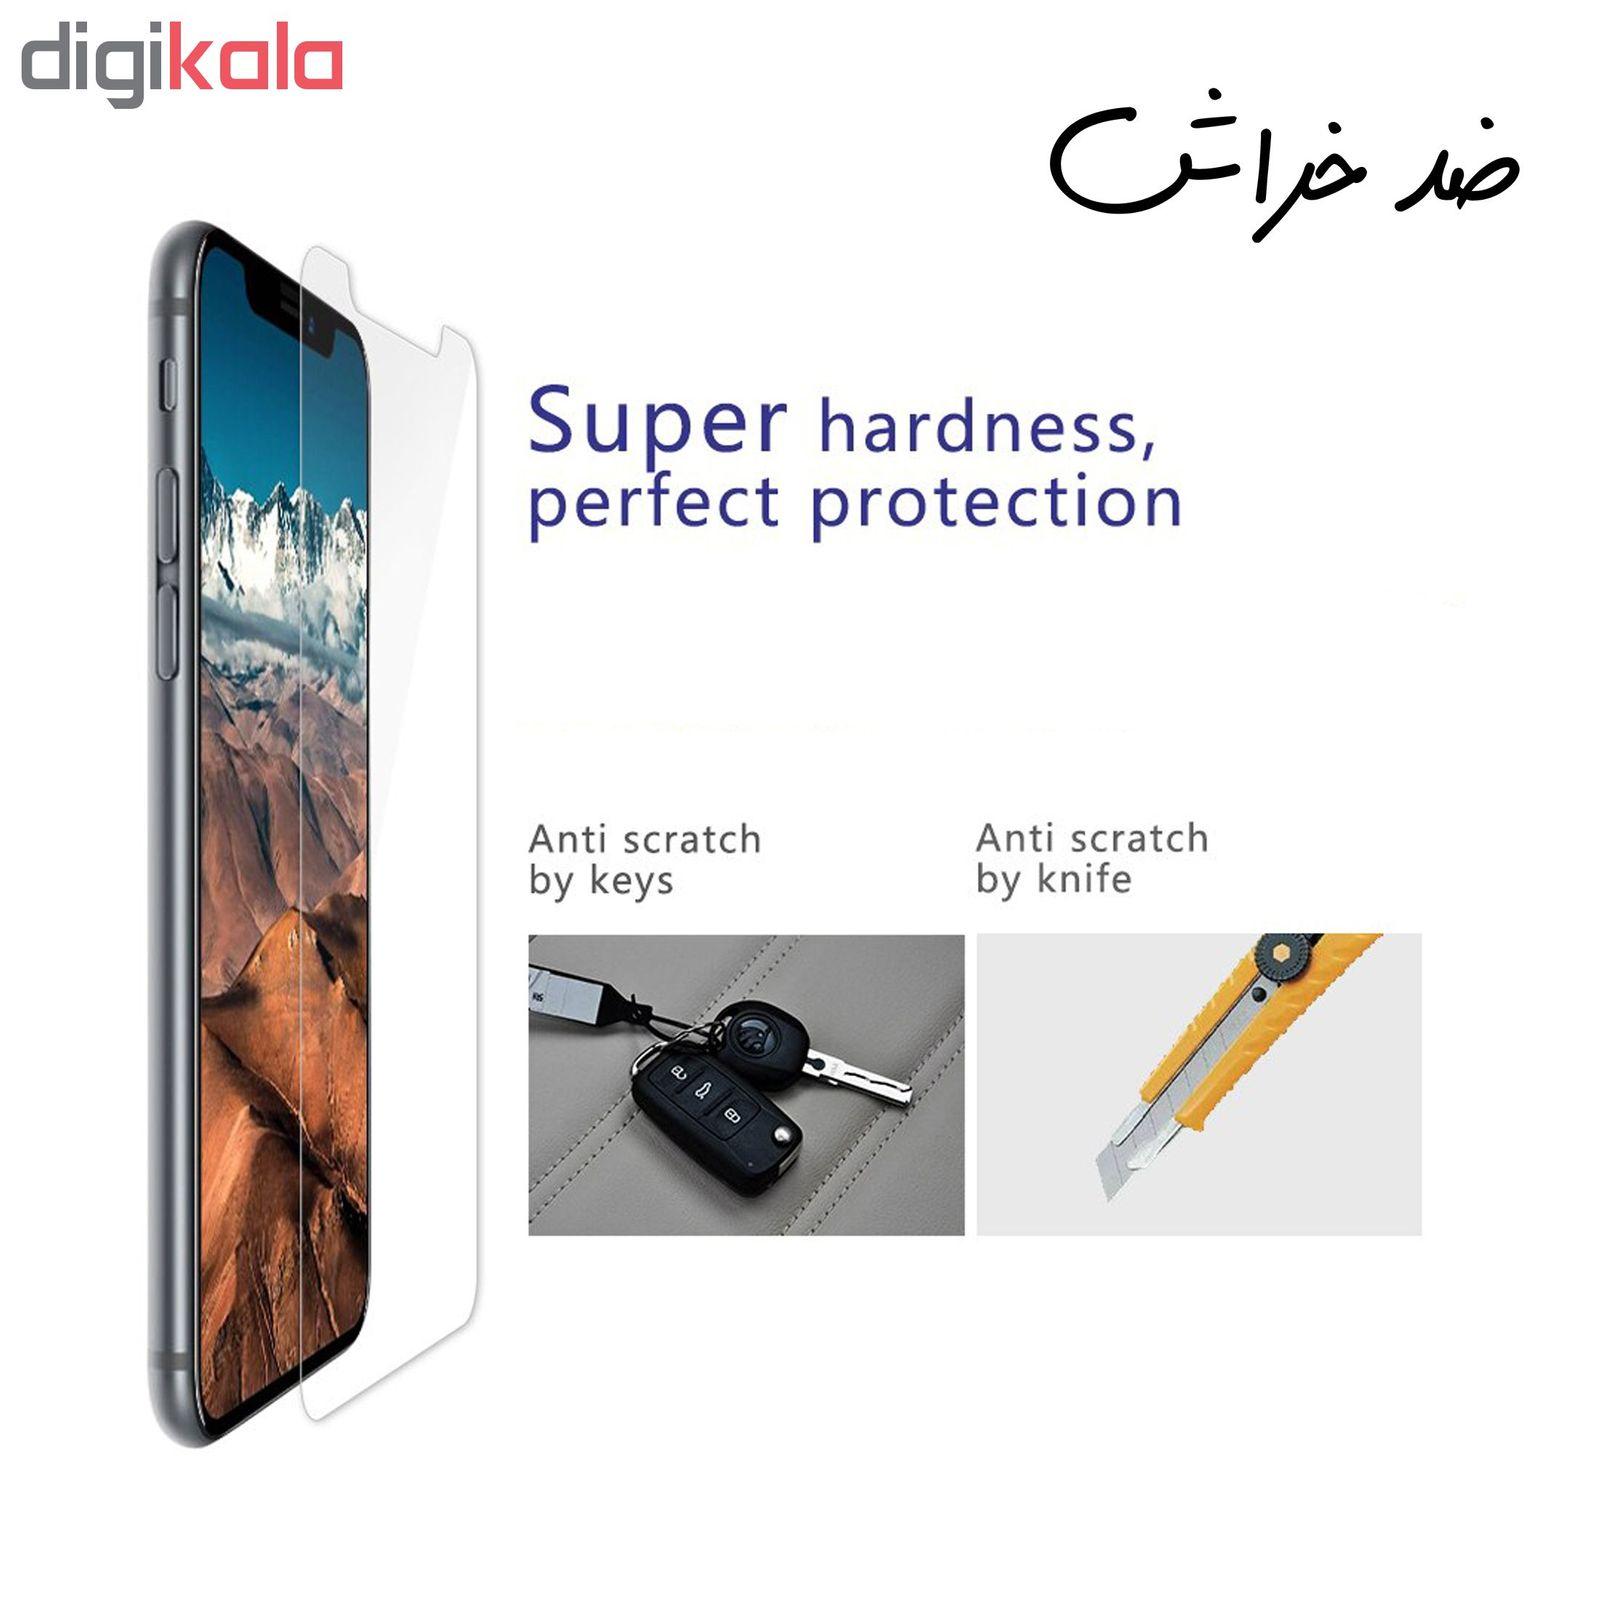 محافظ صفحه نمایش و پشت گوشی Hard and Thick مدل F-01 مناسب برای گوشی موبایل اپل Iphone X/Xs به همراه محافظ لنز دوربین main 1 8